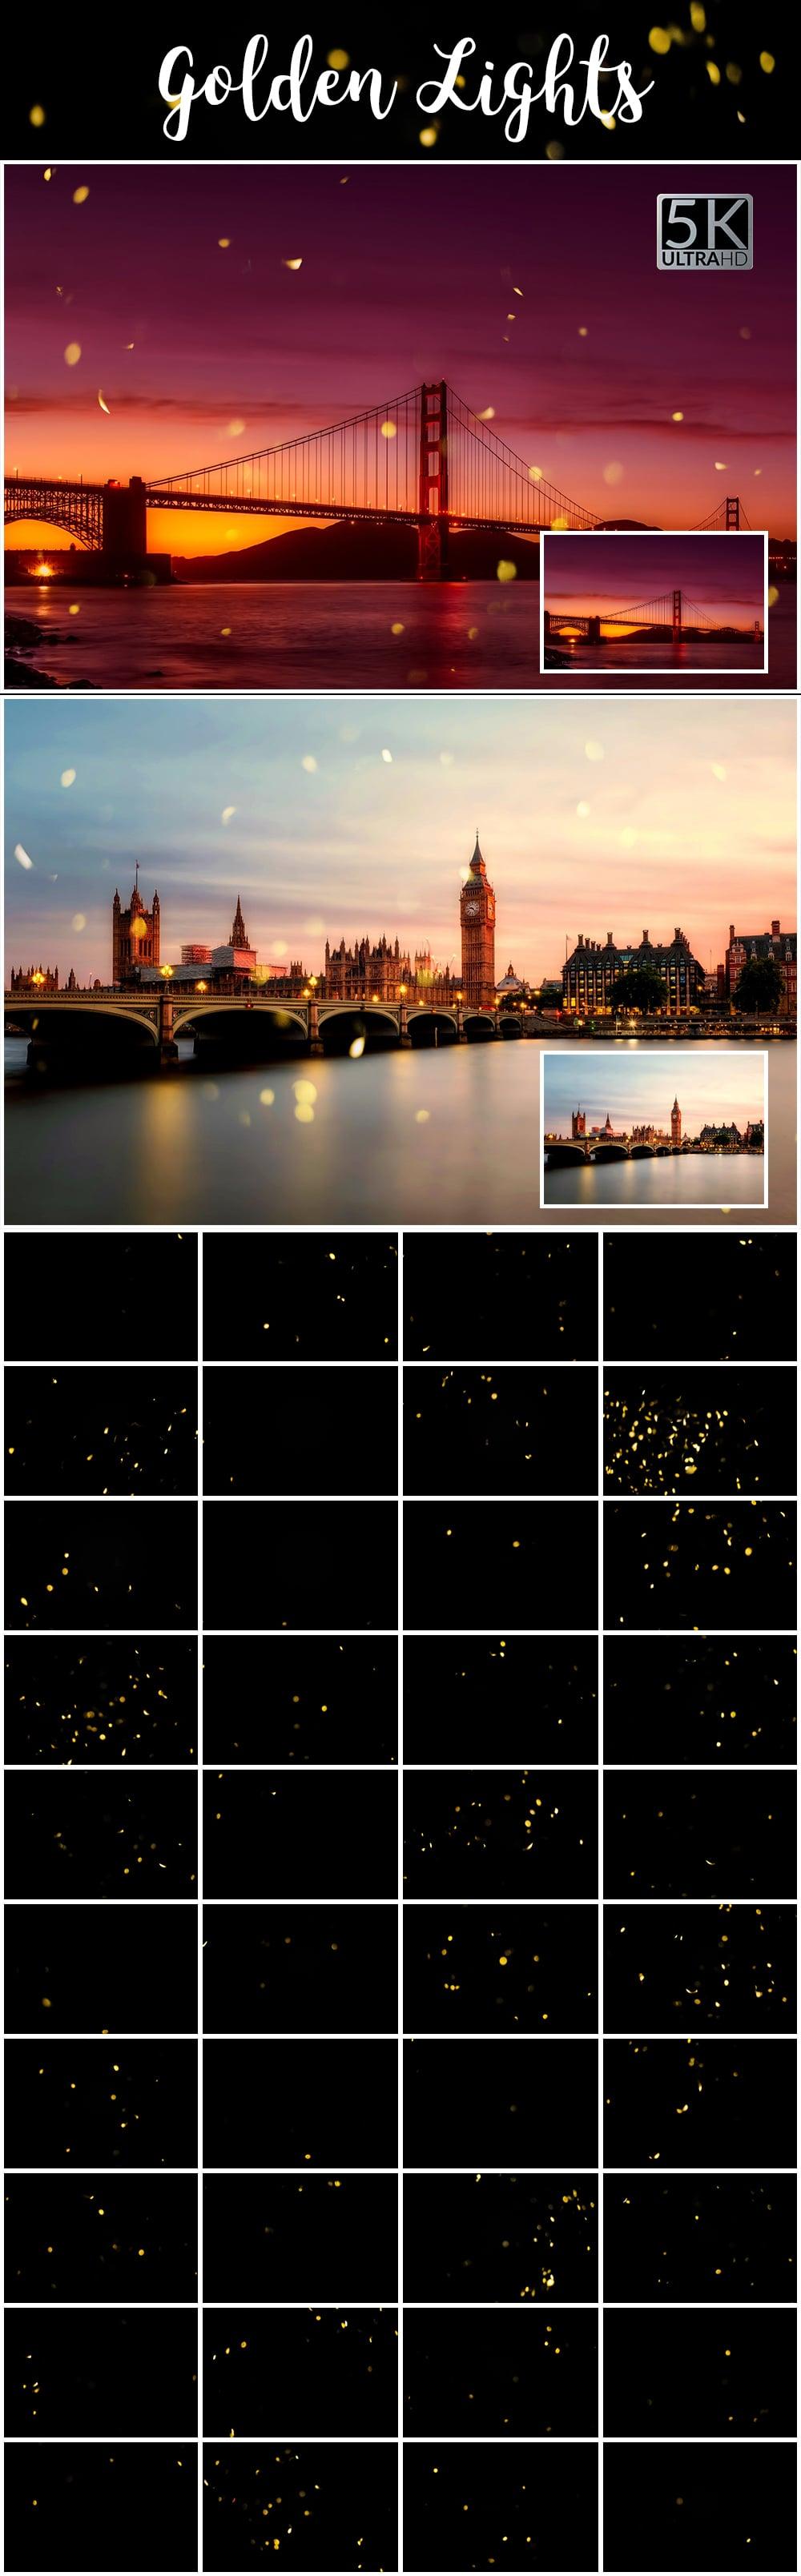 1100 Photoshop Overlays Mega Pack - Extended License - 19 Golden Lights